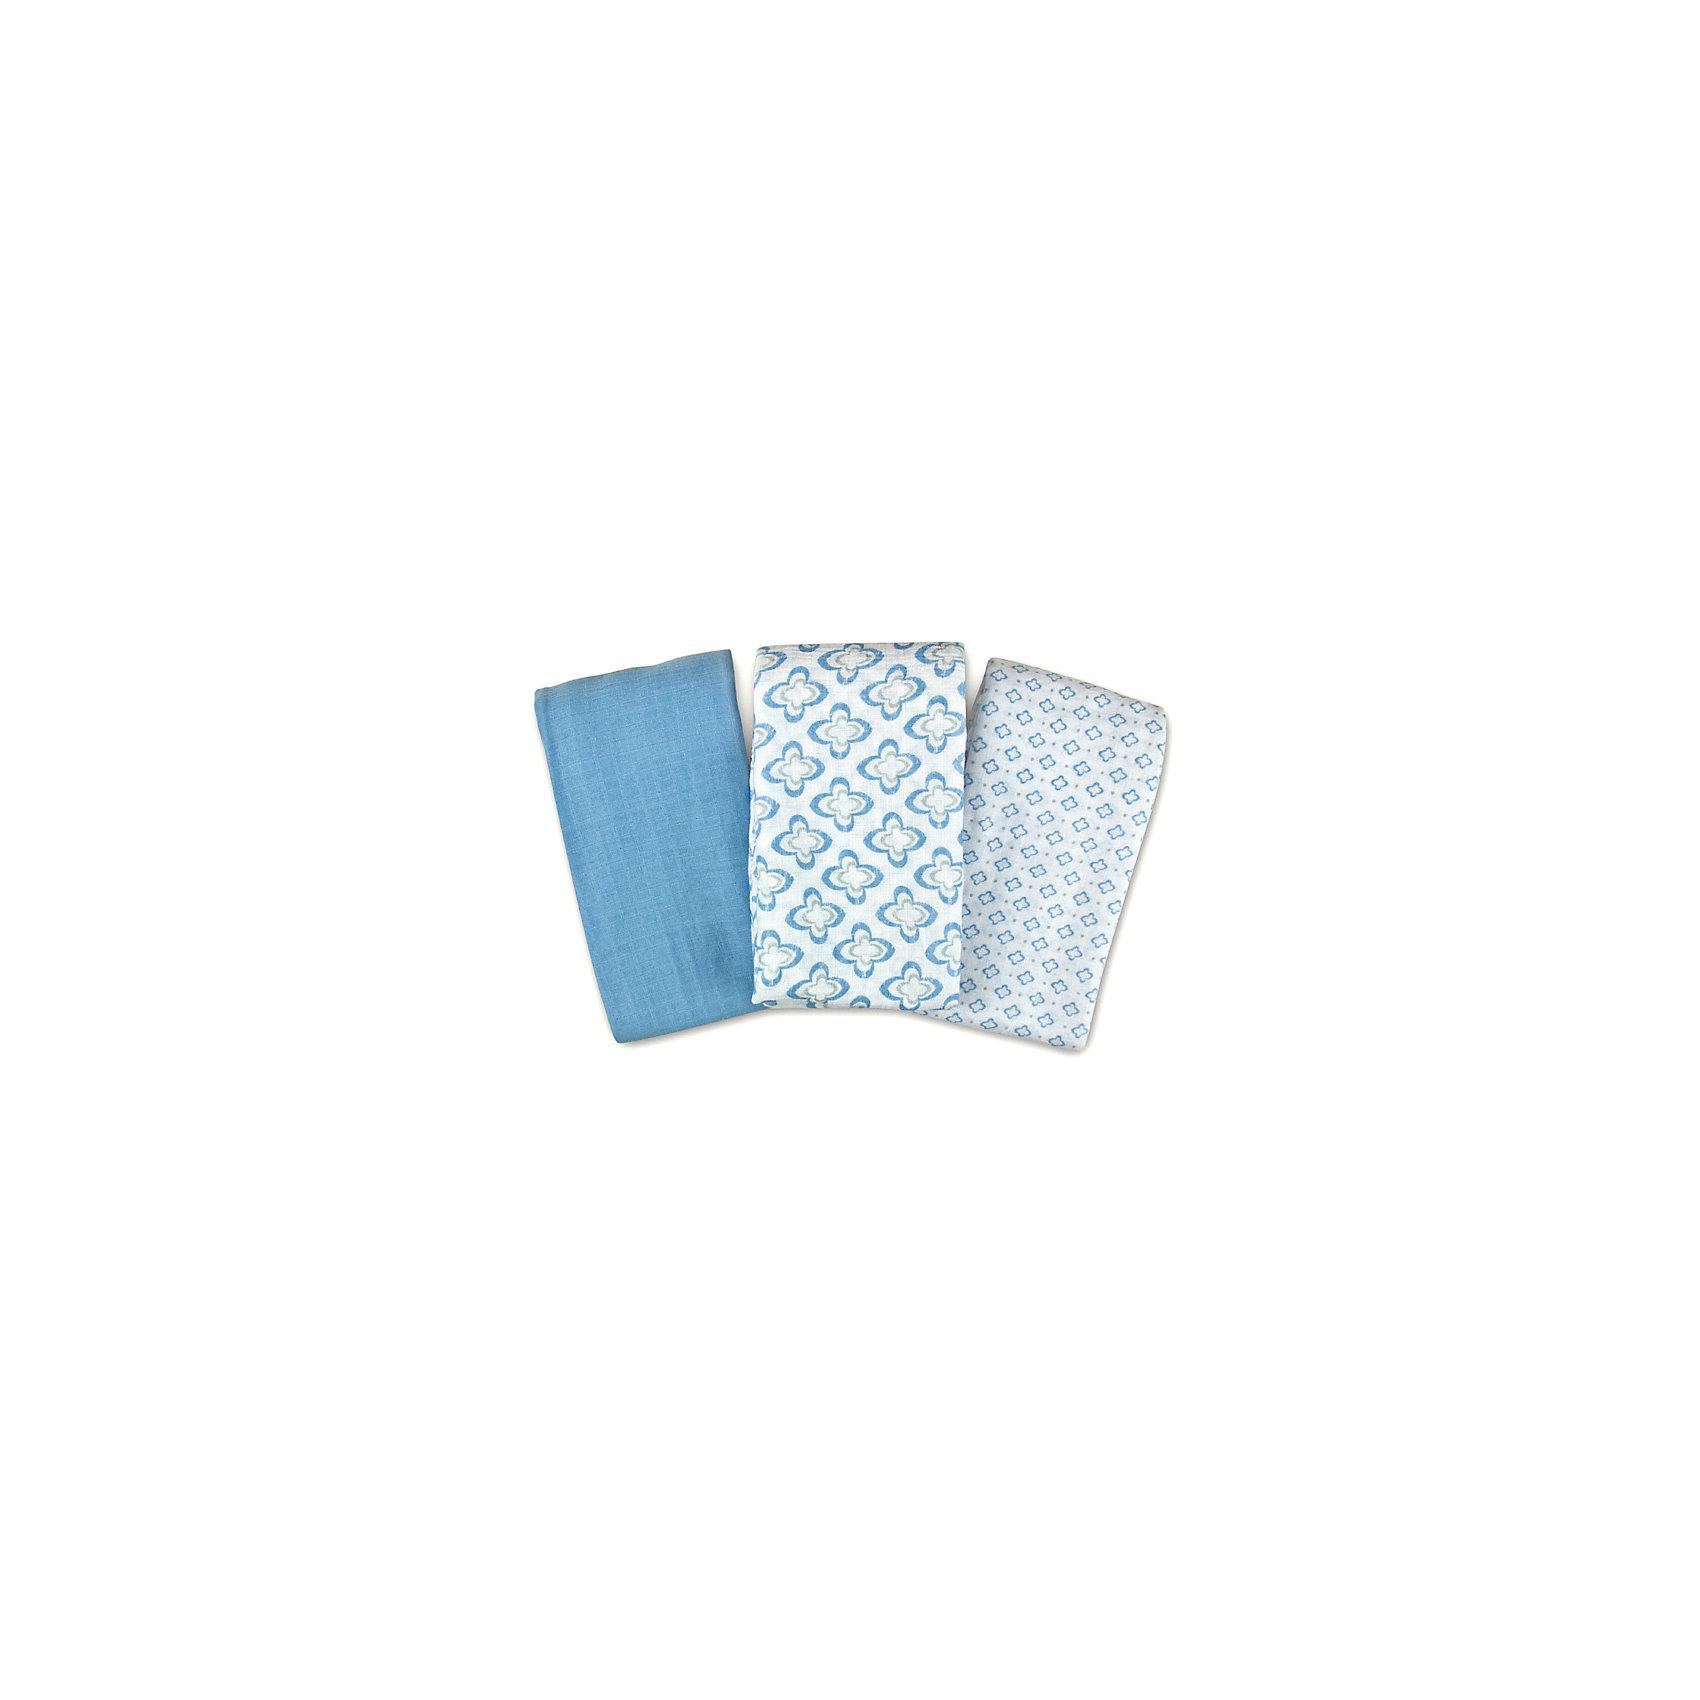 Набор пеленок  Summer Infant,  3 шт, синий с орнаментомНежное натуральное волокно пеленок обеспечивает свободное движение воздуха и мягкость при соприкосновении с кожей малыша. Это универсальные пеленки, их можно использовать также как летнее одеяло, простыню, покрытие для пеленального столика дома и в медицинских учреждениях, как ткань при срыгивание, навес для коляски и как комплект для конверта на выписку. Набор пеленок выполнен из высококачественного гипоаллергенного материала безопасного для детей. <br><br>Дополнительная информация:<br><br>- Размер:102х102 см.<br>- Материал: муслин ( 100% хлопок).<br>- Цвет: голубой, синий, белый.<br>- Декоративные элементы: принт.<br>- 3 штуки в наборе.<br><br>Набор пеленок  Summer Infant,  3 шт, синие с орнаментом, можно купить в нашем магазине.<br><br>Ширина мм: 260<br>Глубина мм: 220<br>Высота мм: 40<br>Вес г: 410<br>Цвет: синий<br>Возраст от месяцев: 0<br>Возраст до месяцев: 6<br>Пол: Мужской<br>Возраст: Детский<br>SKU: 4047549